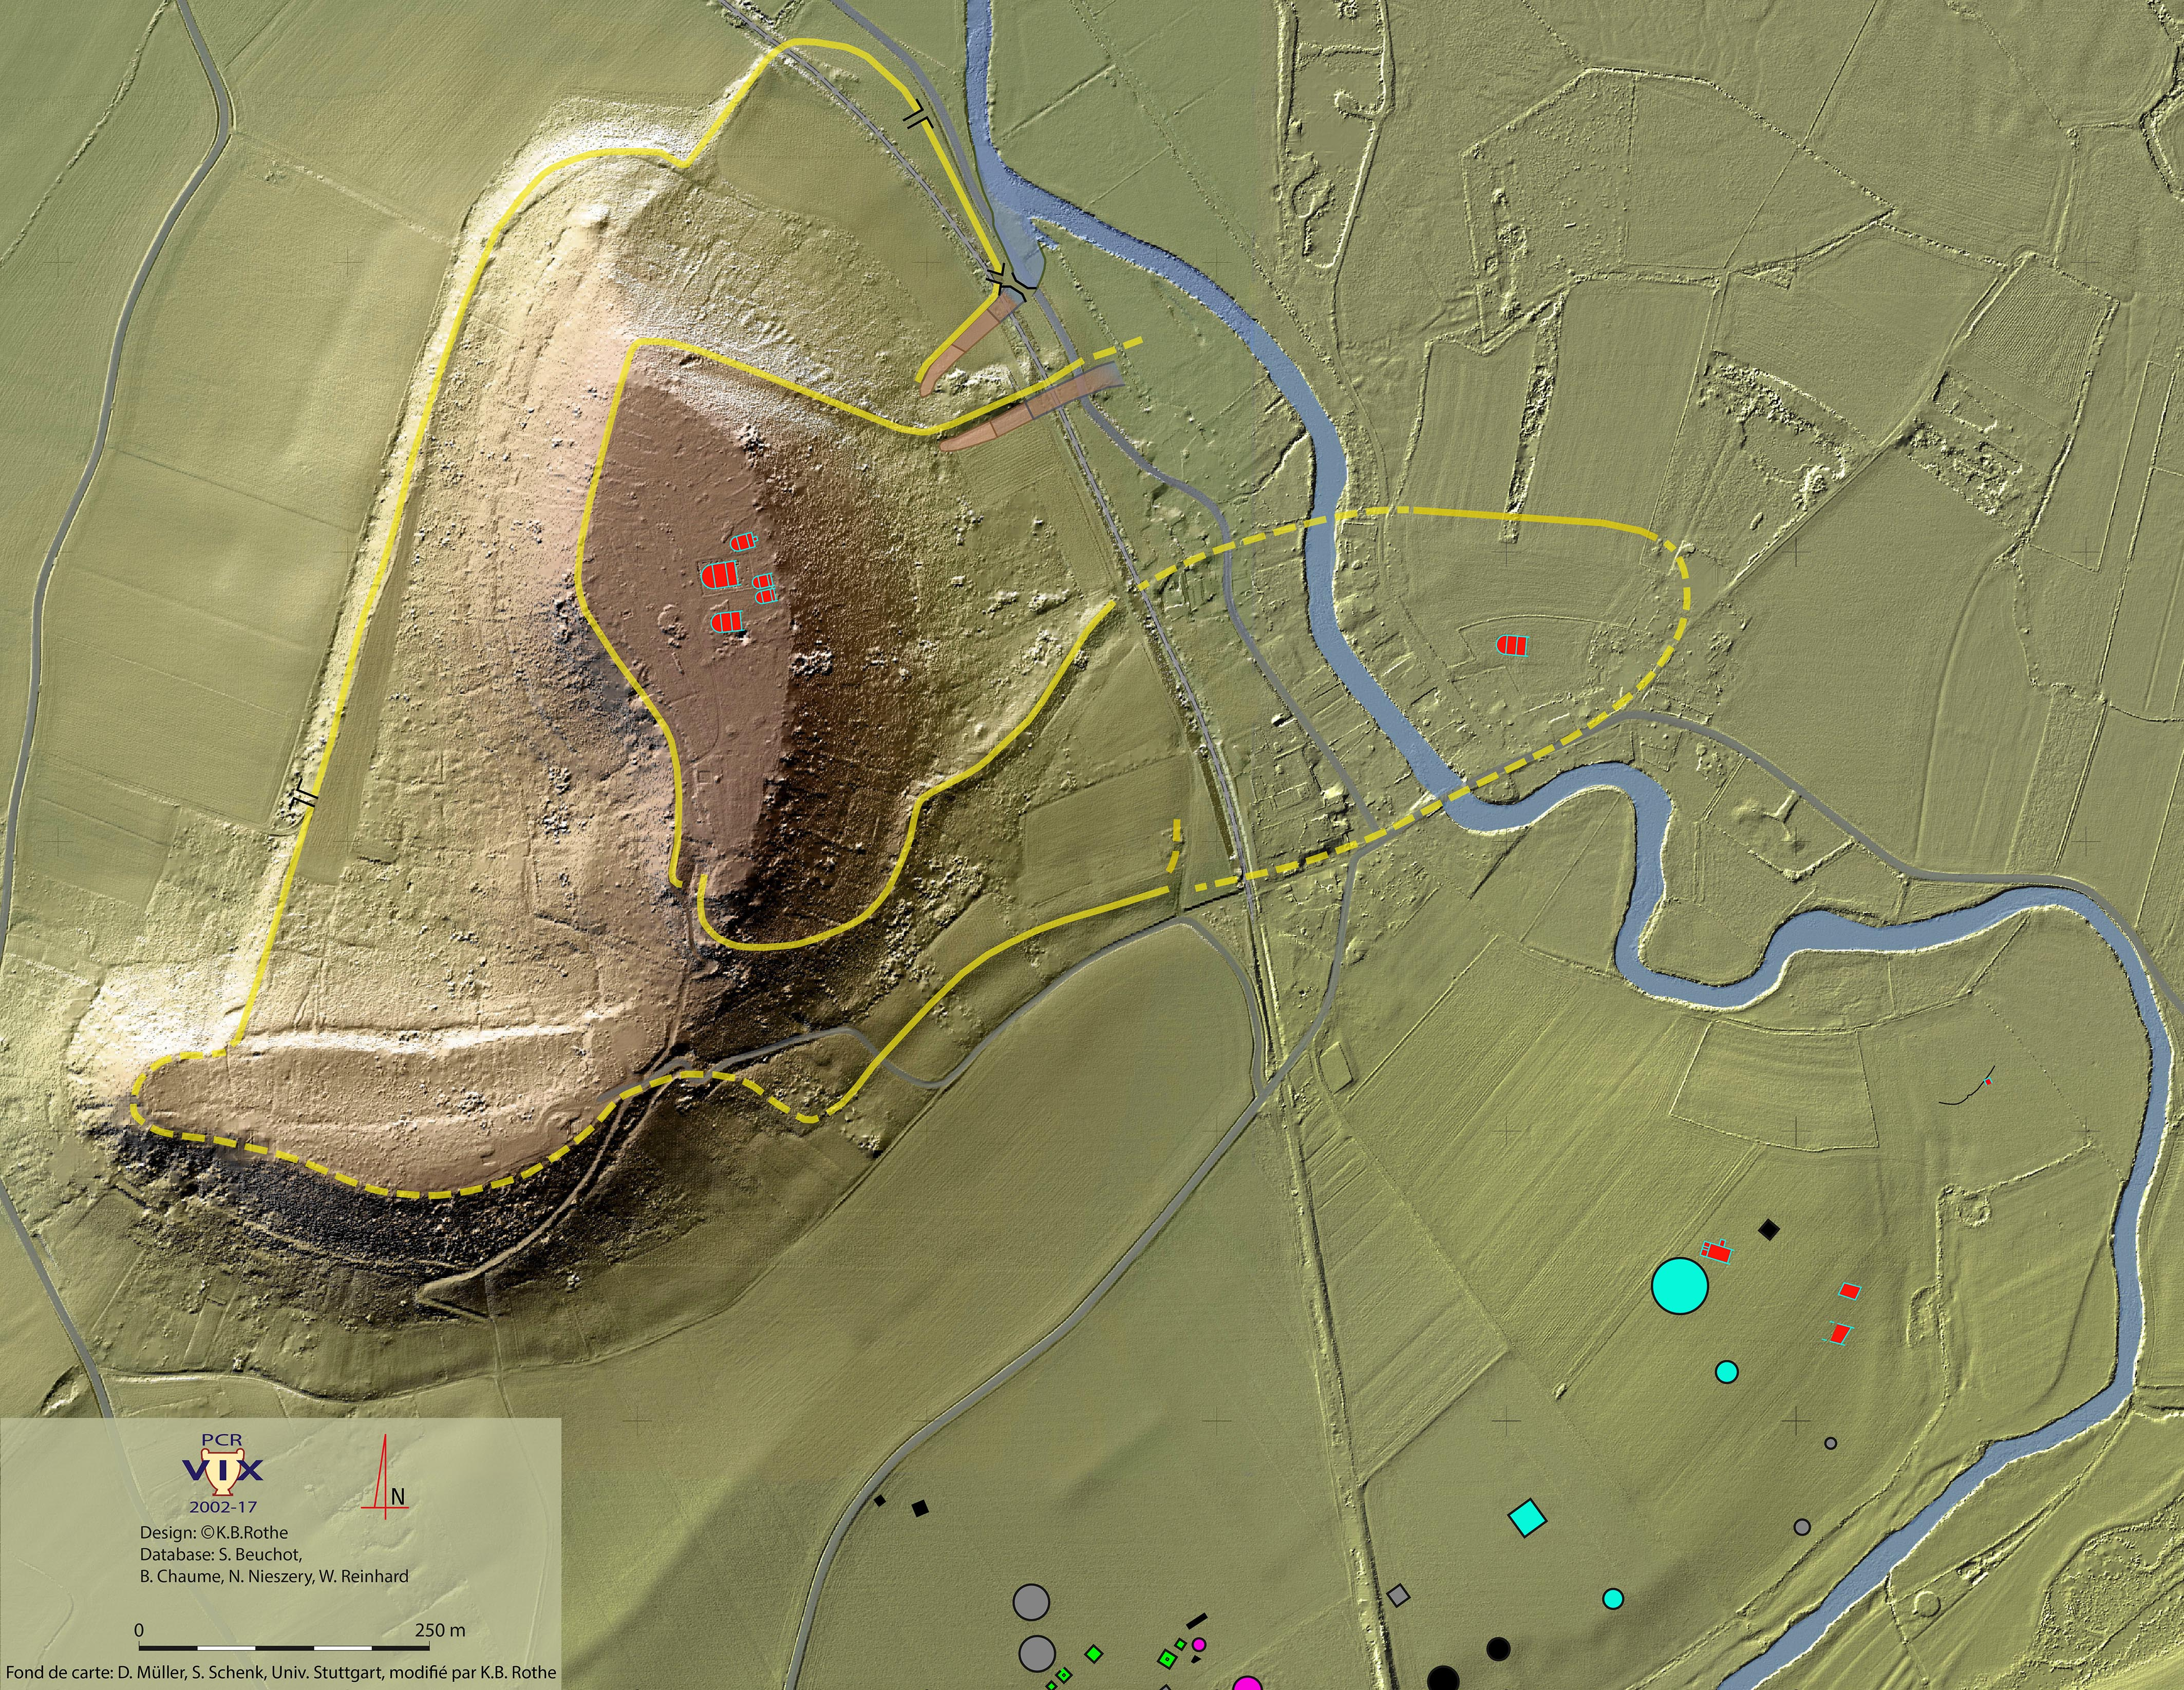 Vue de l'implantation des structures archéologiques sur le mont Lassois et dans la plaine de Vix